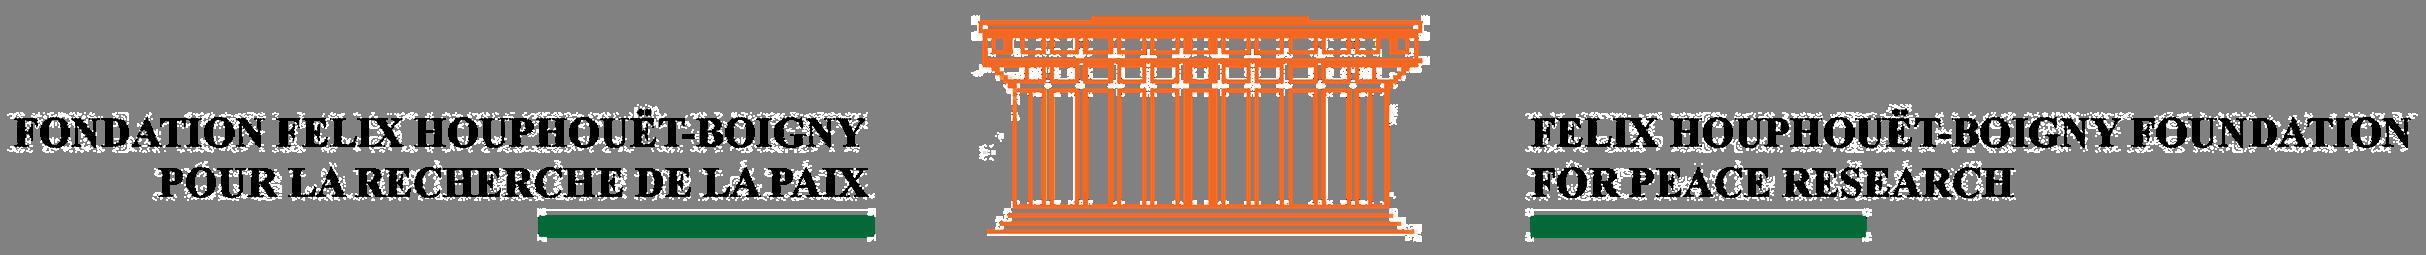 Fondation Félix Houphouët-Boigny pour la Recherche de la Paix Logo